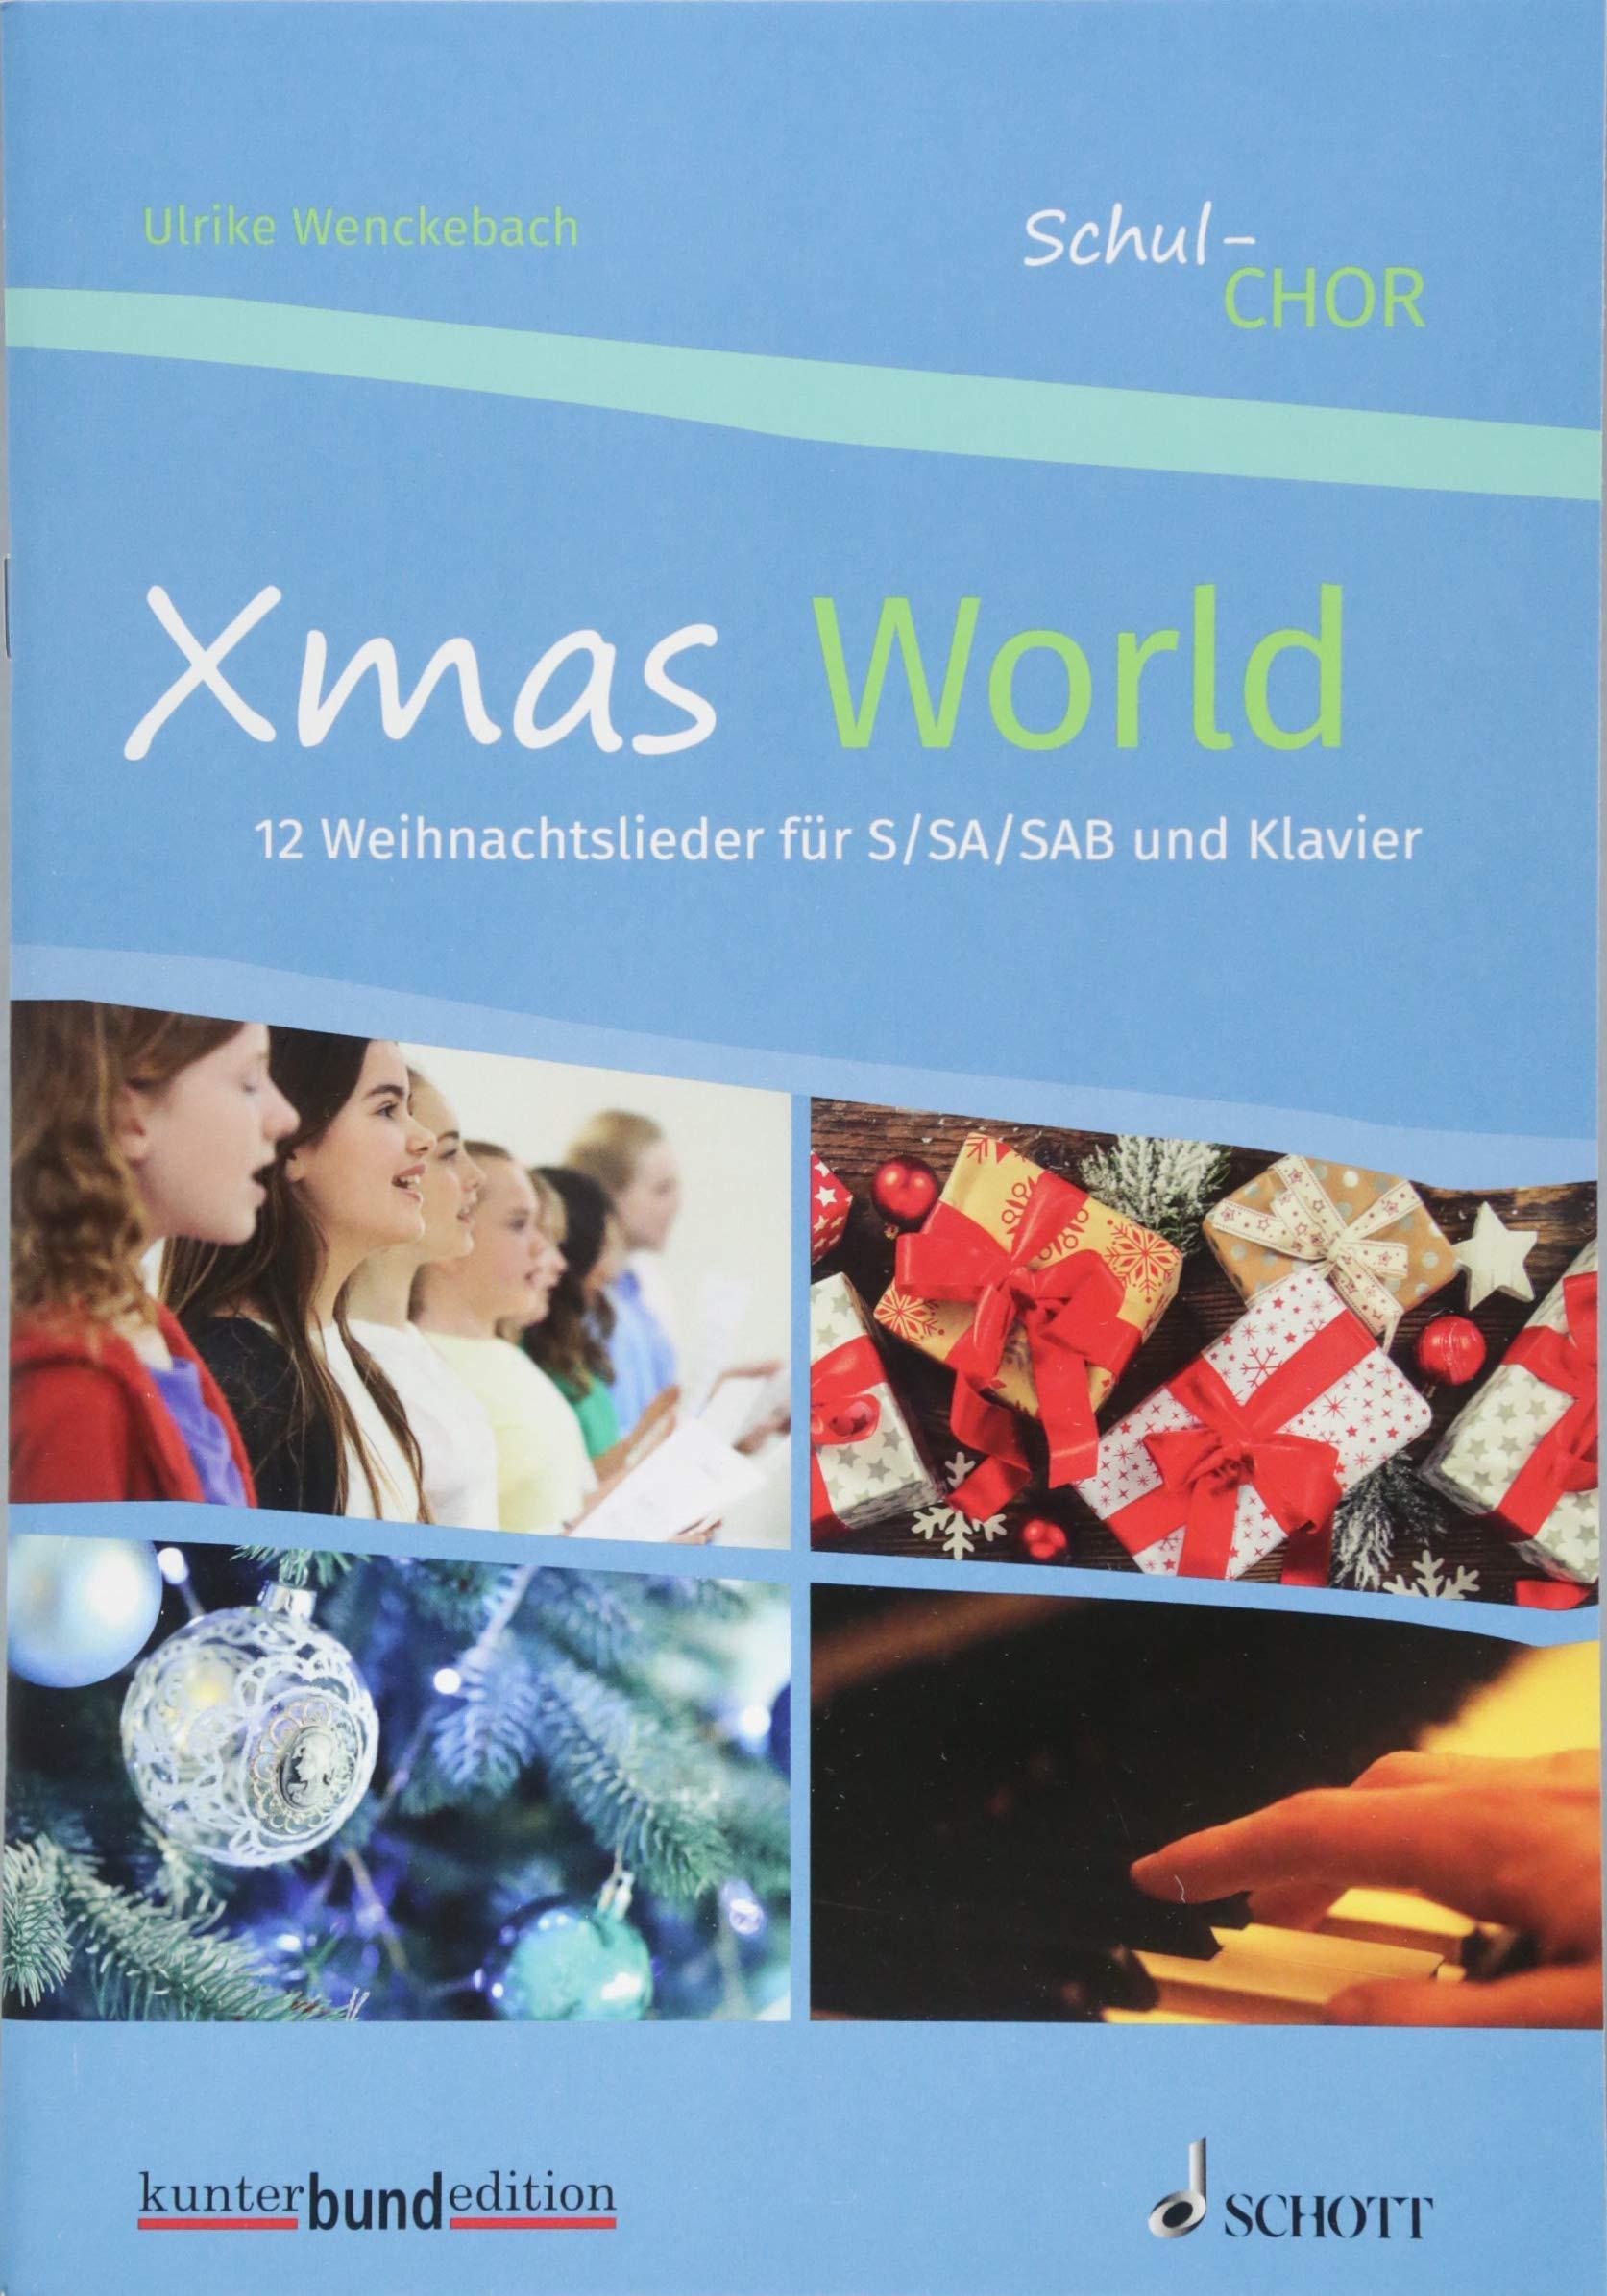 Xmas World: 12 Weihnachtslieder für S/SA/SAB und Klavier. Chor 3 ...